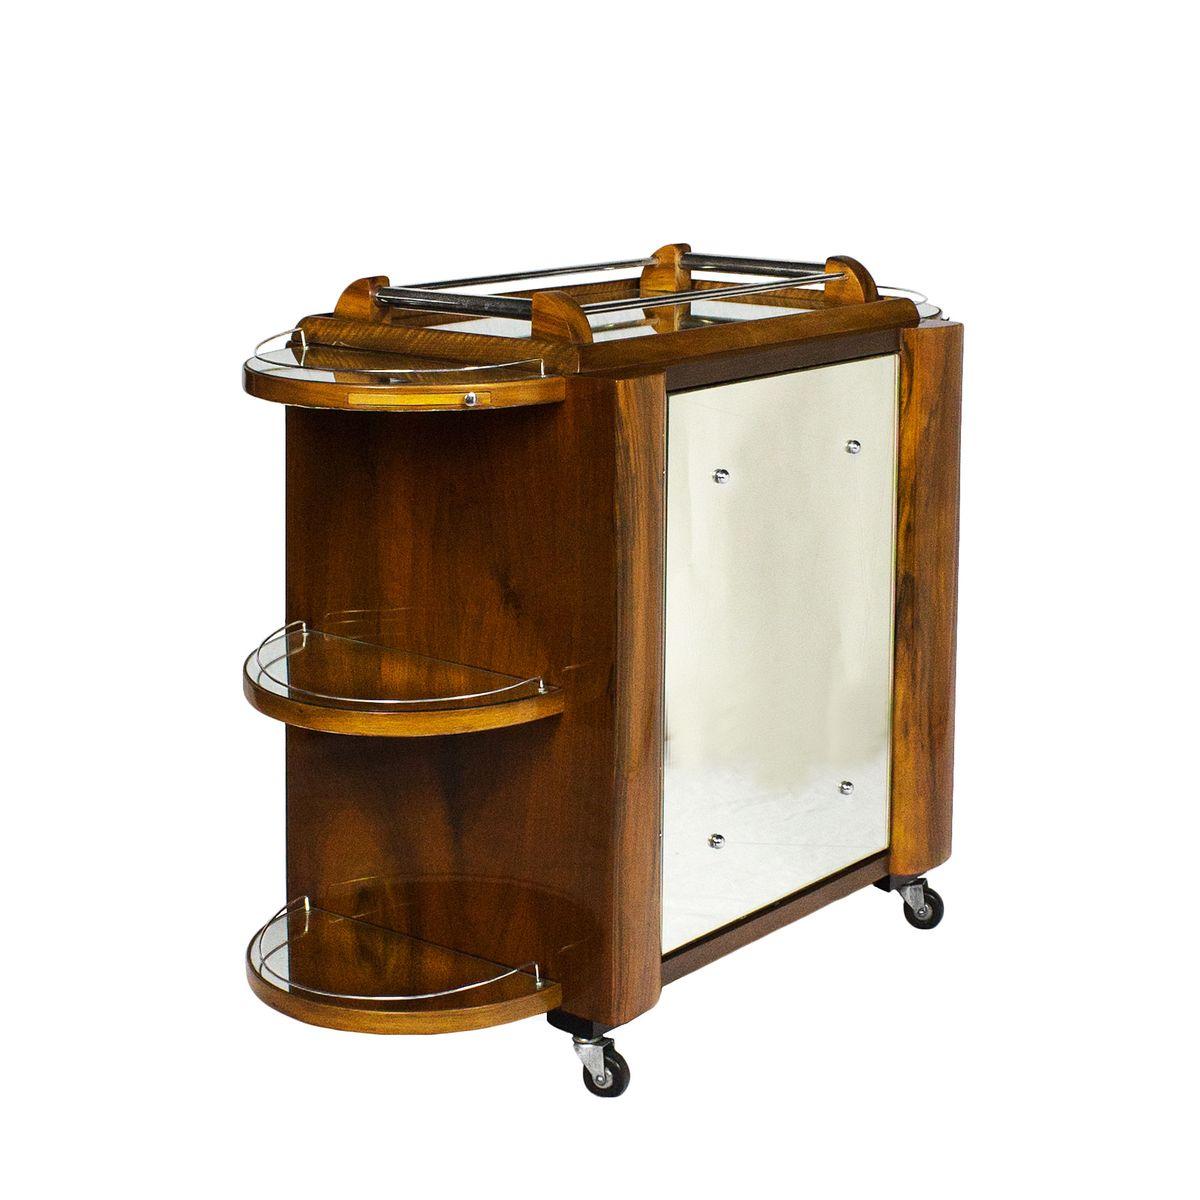 Vintage Barschrank auf Rädern von Borraz | Küche und Esszimmer > Bar-Möbel > Barschränke | Silber